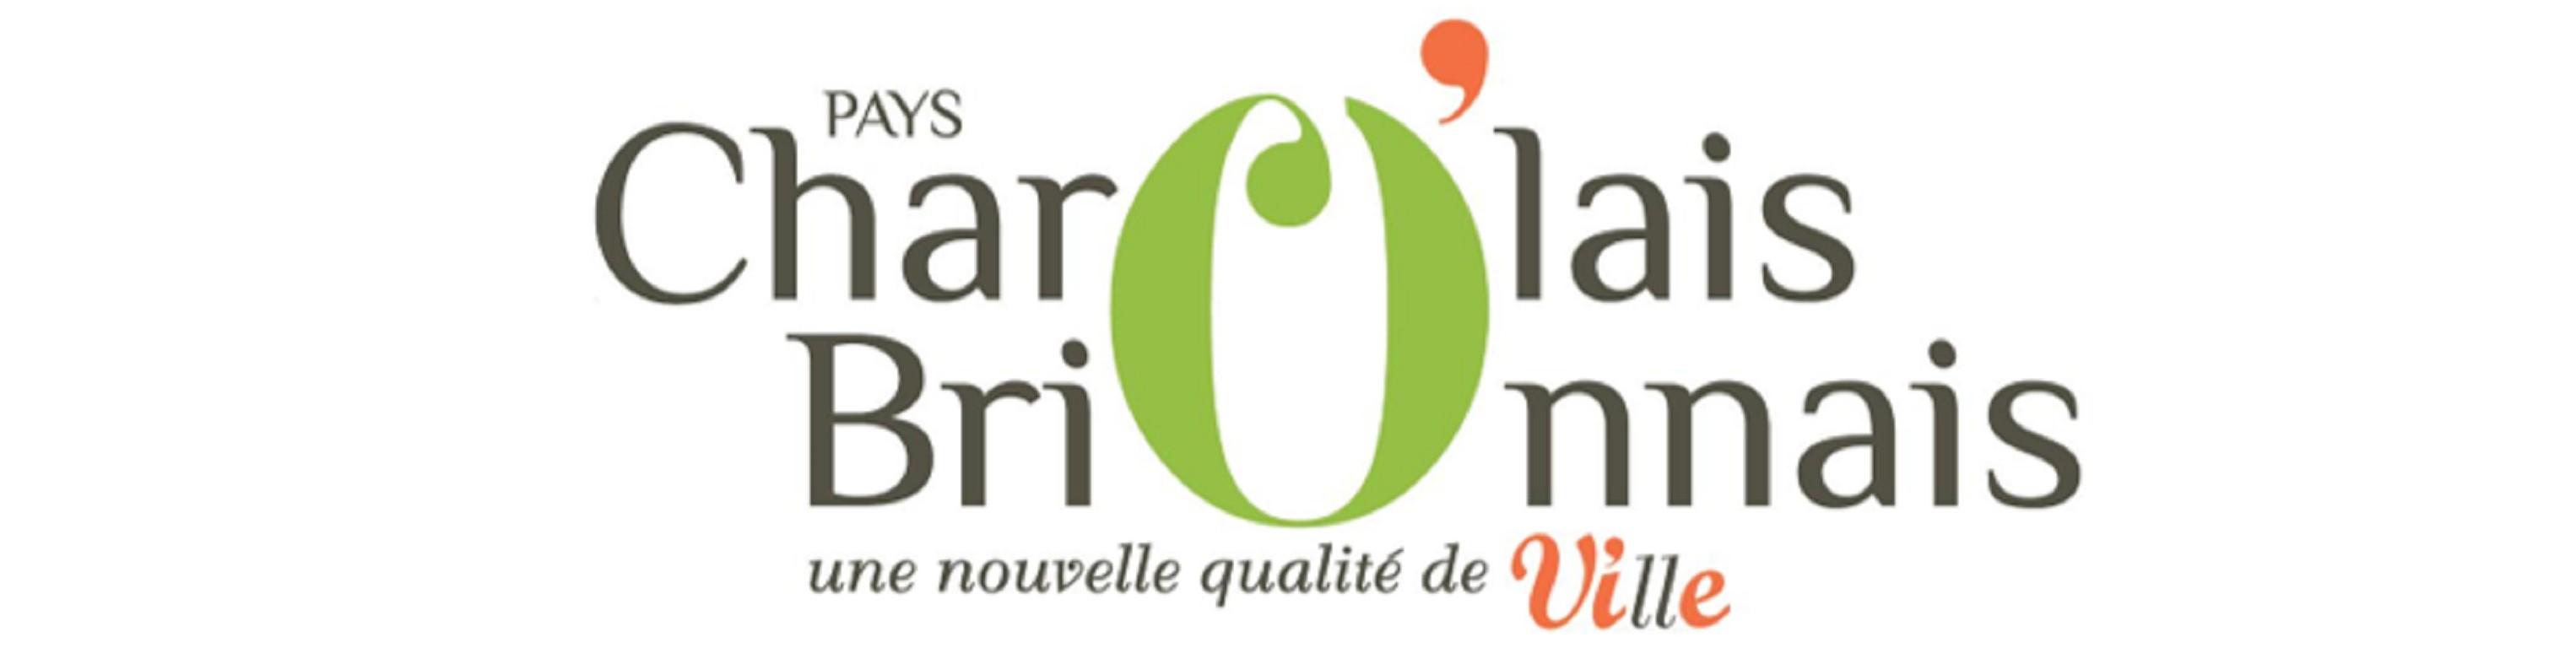 PETR du Pays Charolais Brionnais | LinkedIn